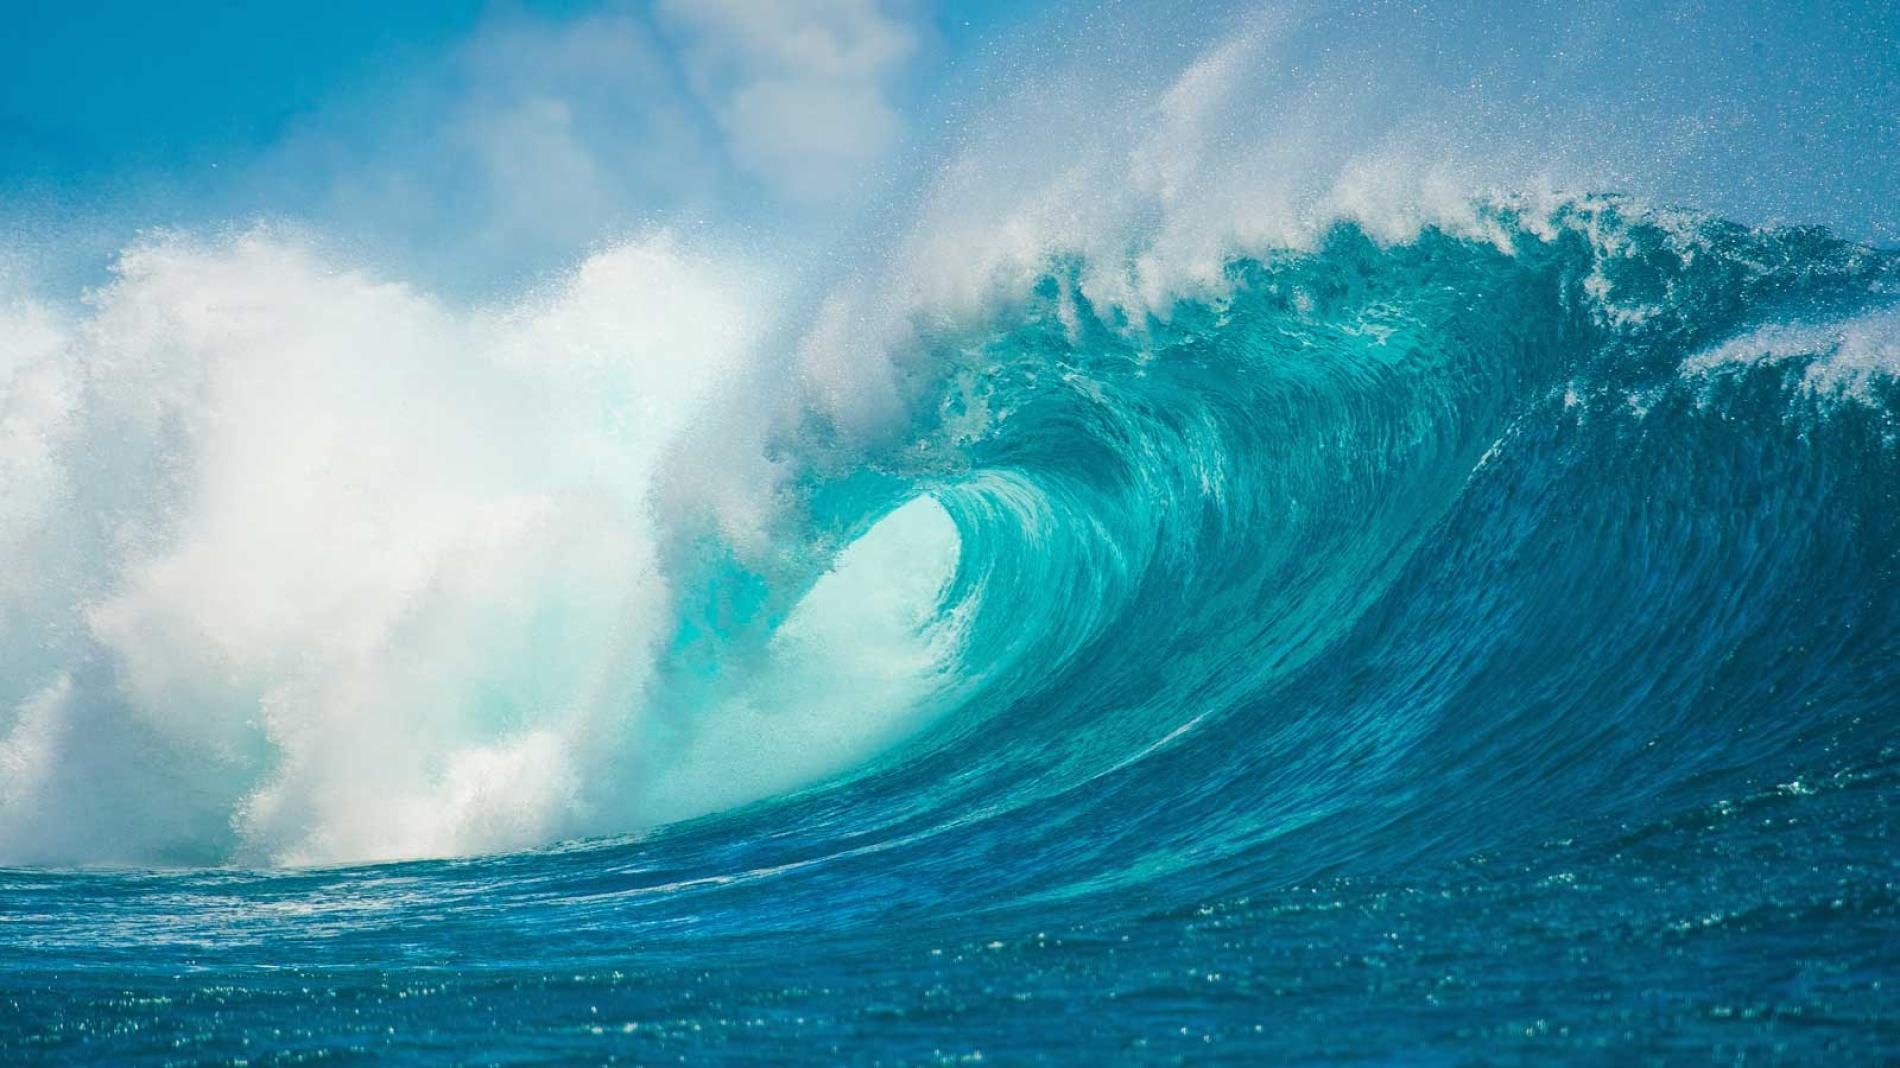 Hình ảnh nước biển